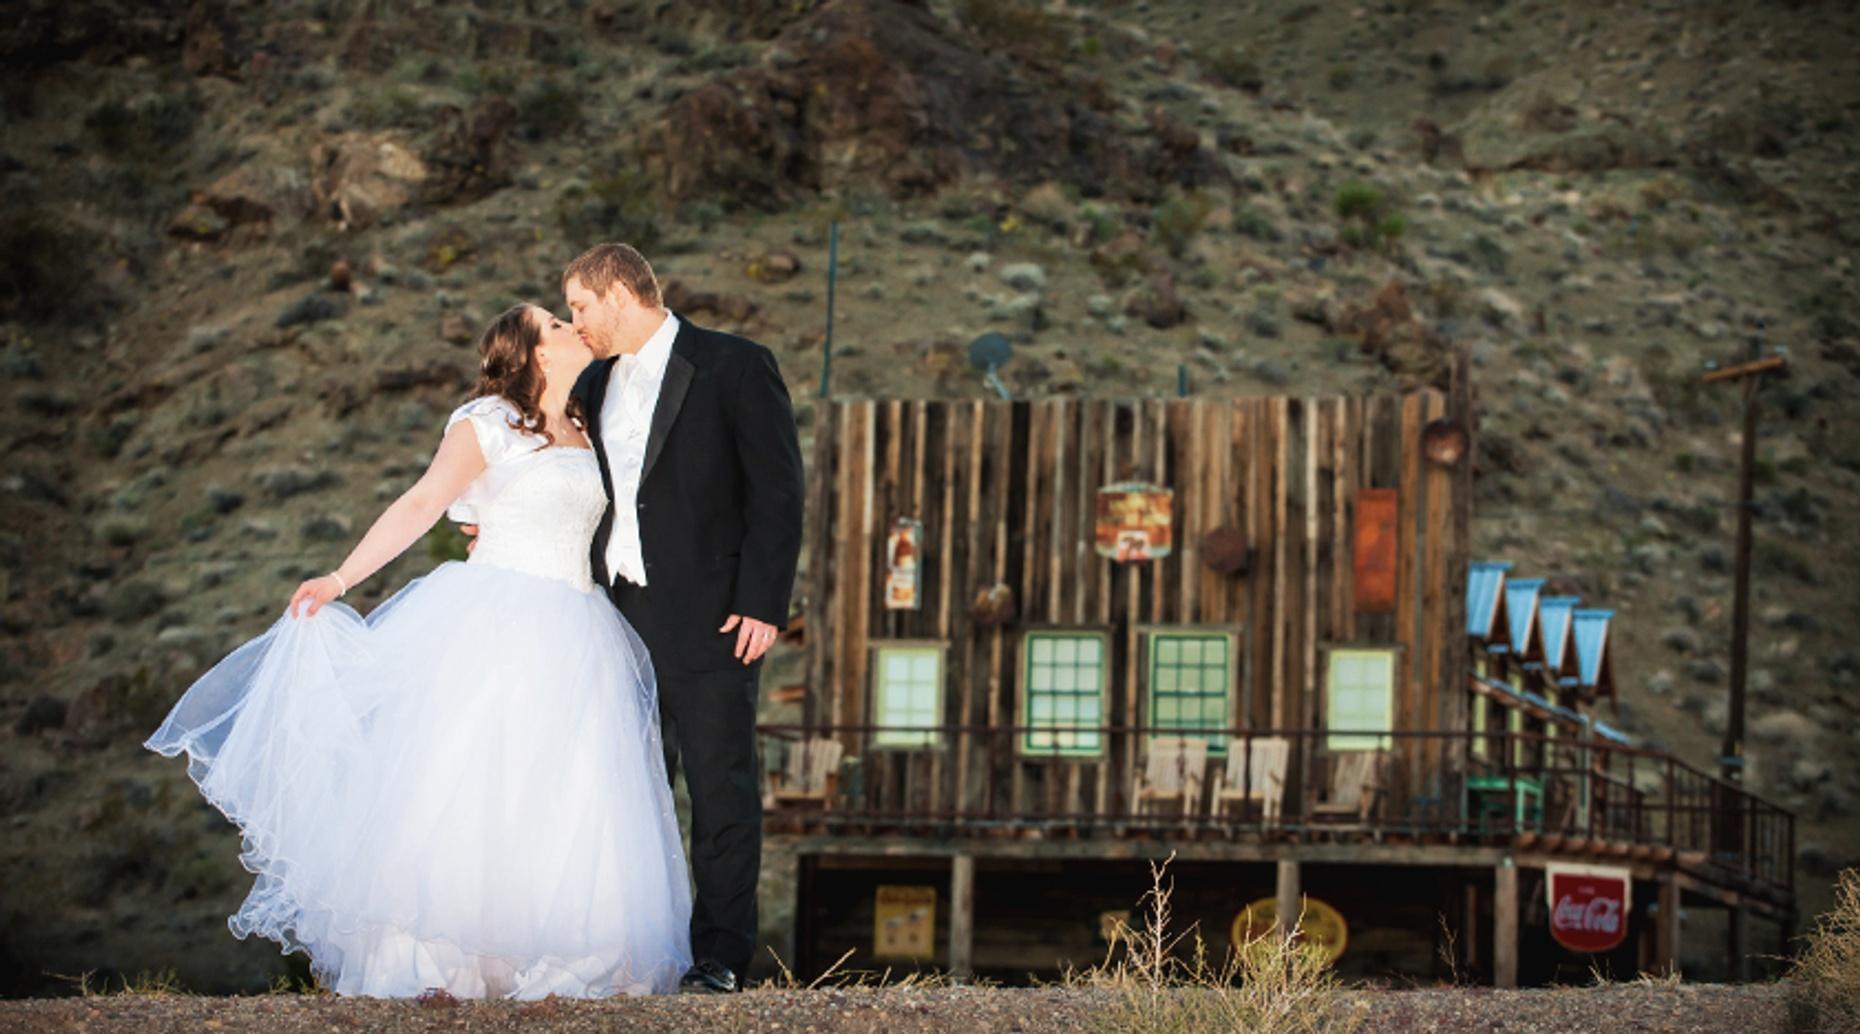 Vegas Chapel Wedding Ceremony